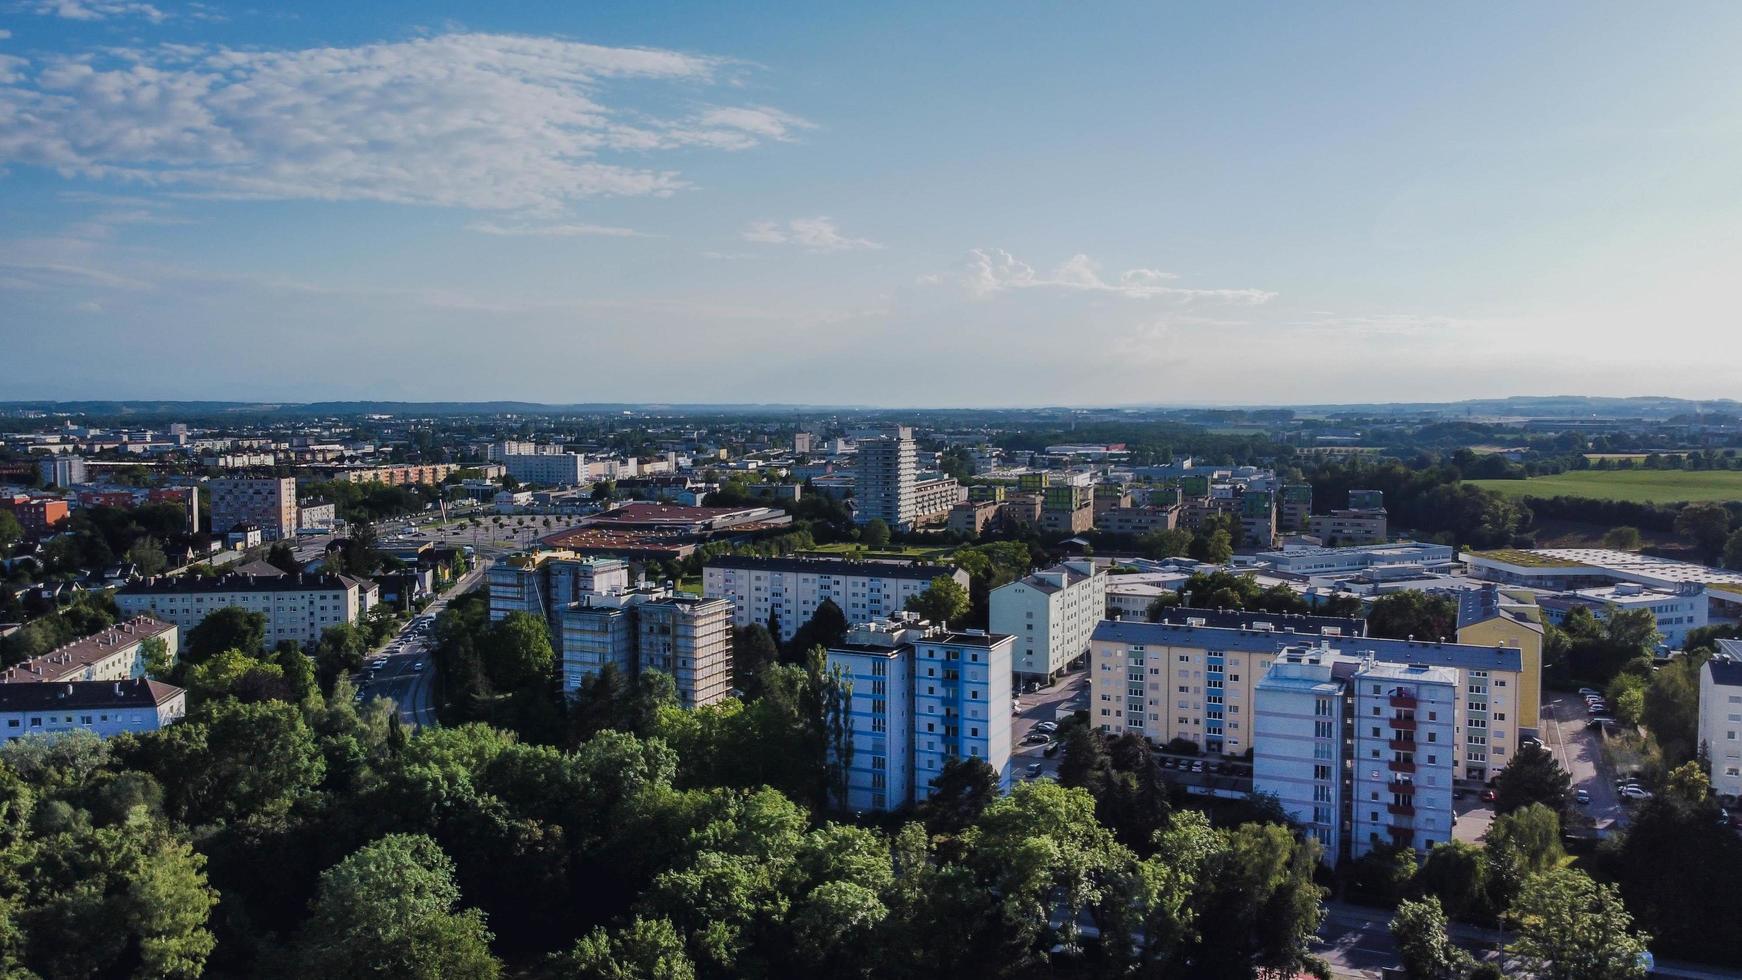 vue aérienne des bâtiments de la ville pendant la journée photo